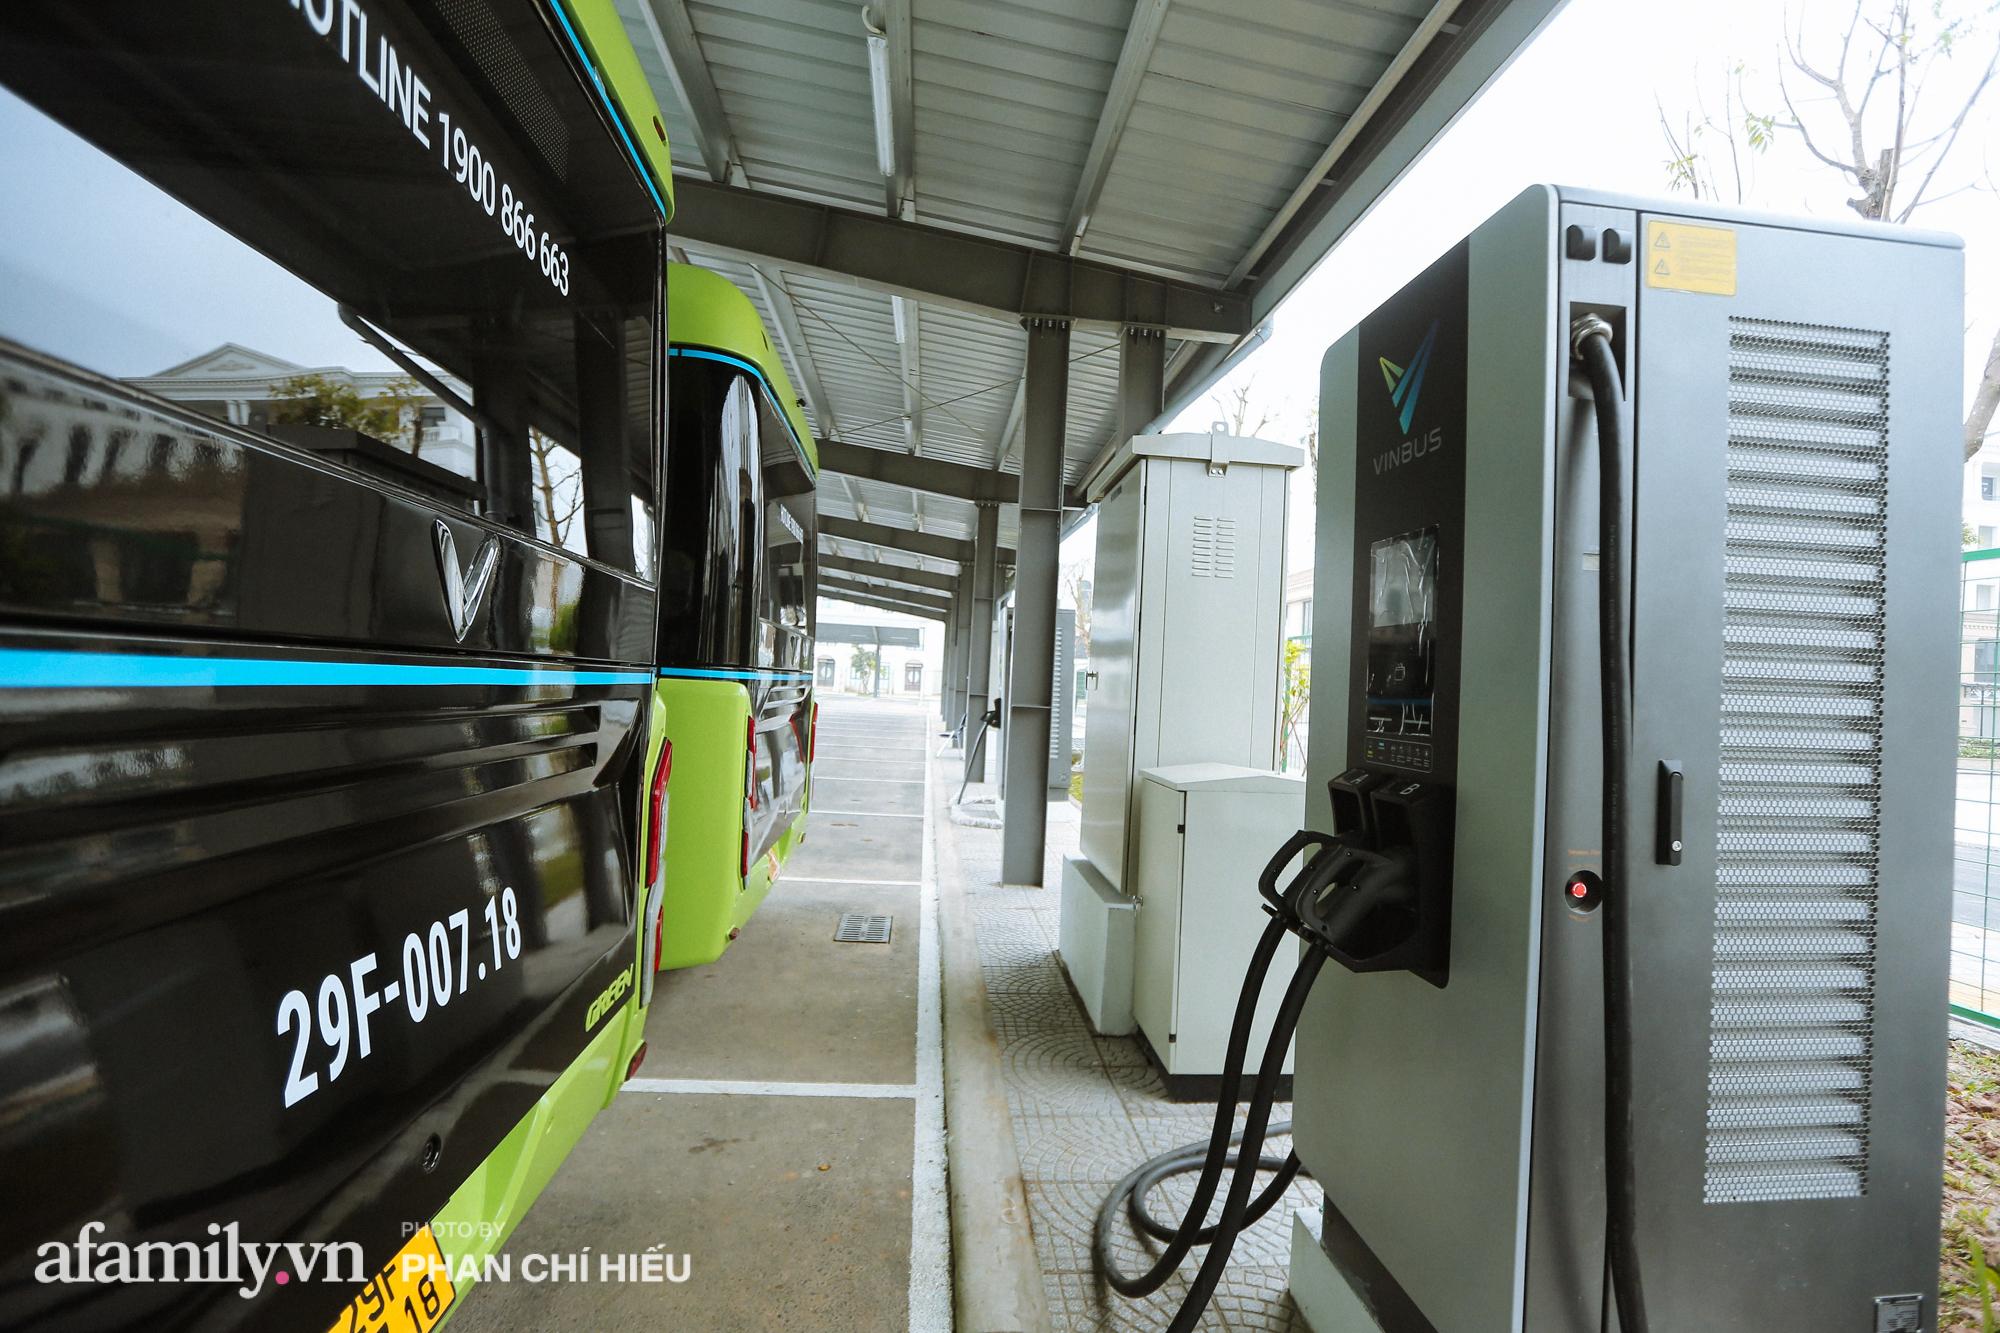 Khám phá tuyến xe buýt điện đầu tiên tại Hà Nội, sử dụng nguồn năng lượng vô tận từ năng lượng mặt trời, xe đủ thử trang bị tiện ích chẳng kém gì những chiếc xế hộp xịn xò - Ảnh 9.